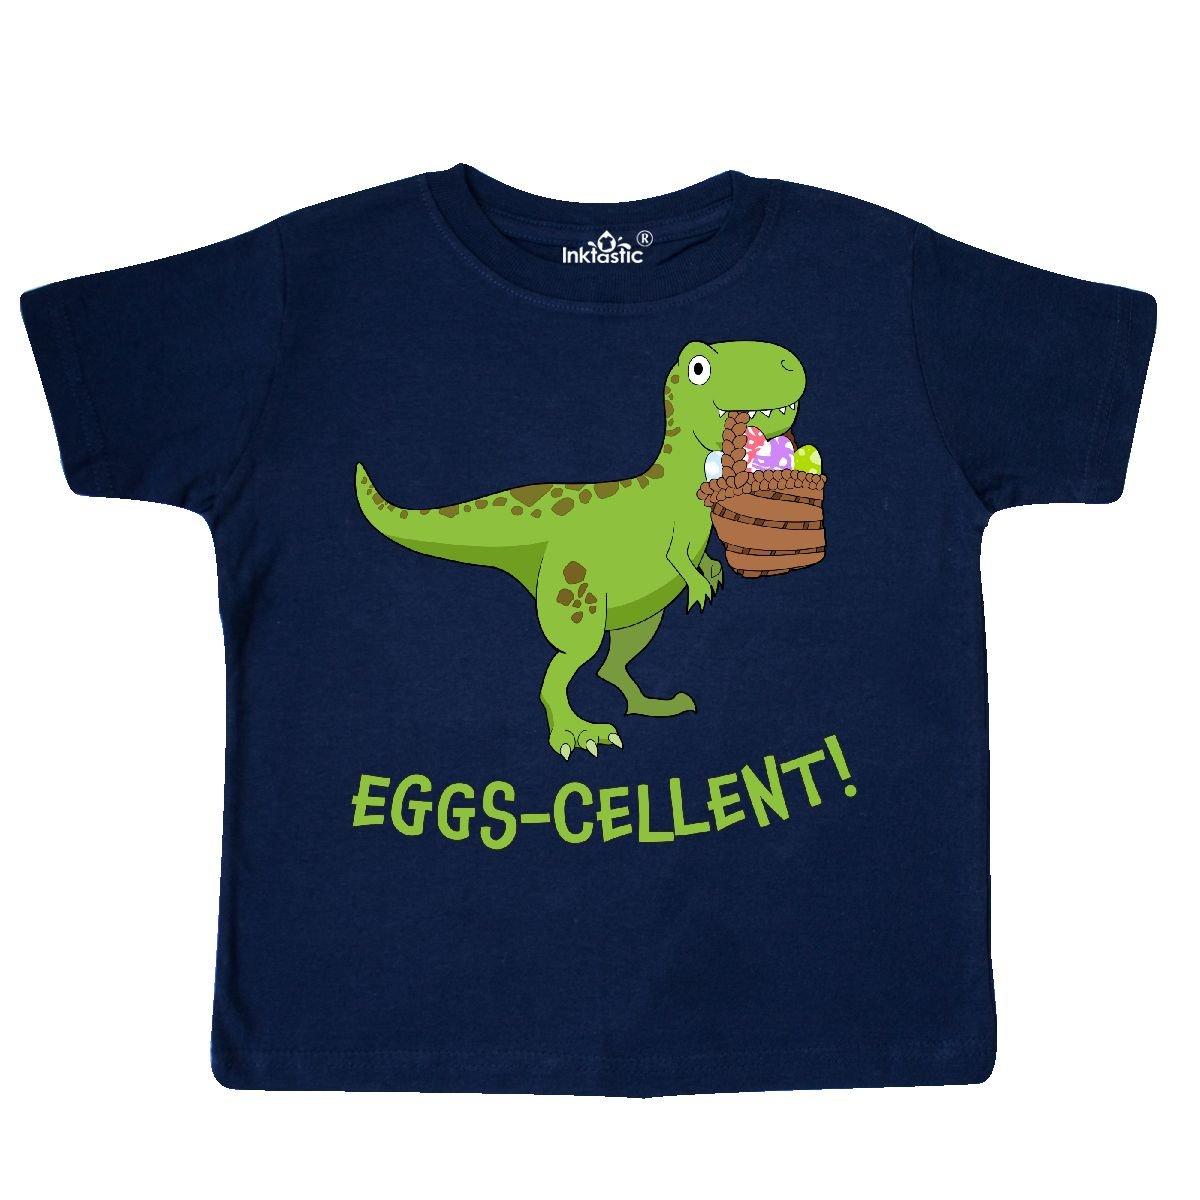 - Eggs-cellent! Cute Easter T-rex Dinosaur T-shirt 29089